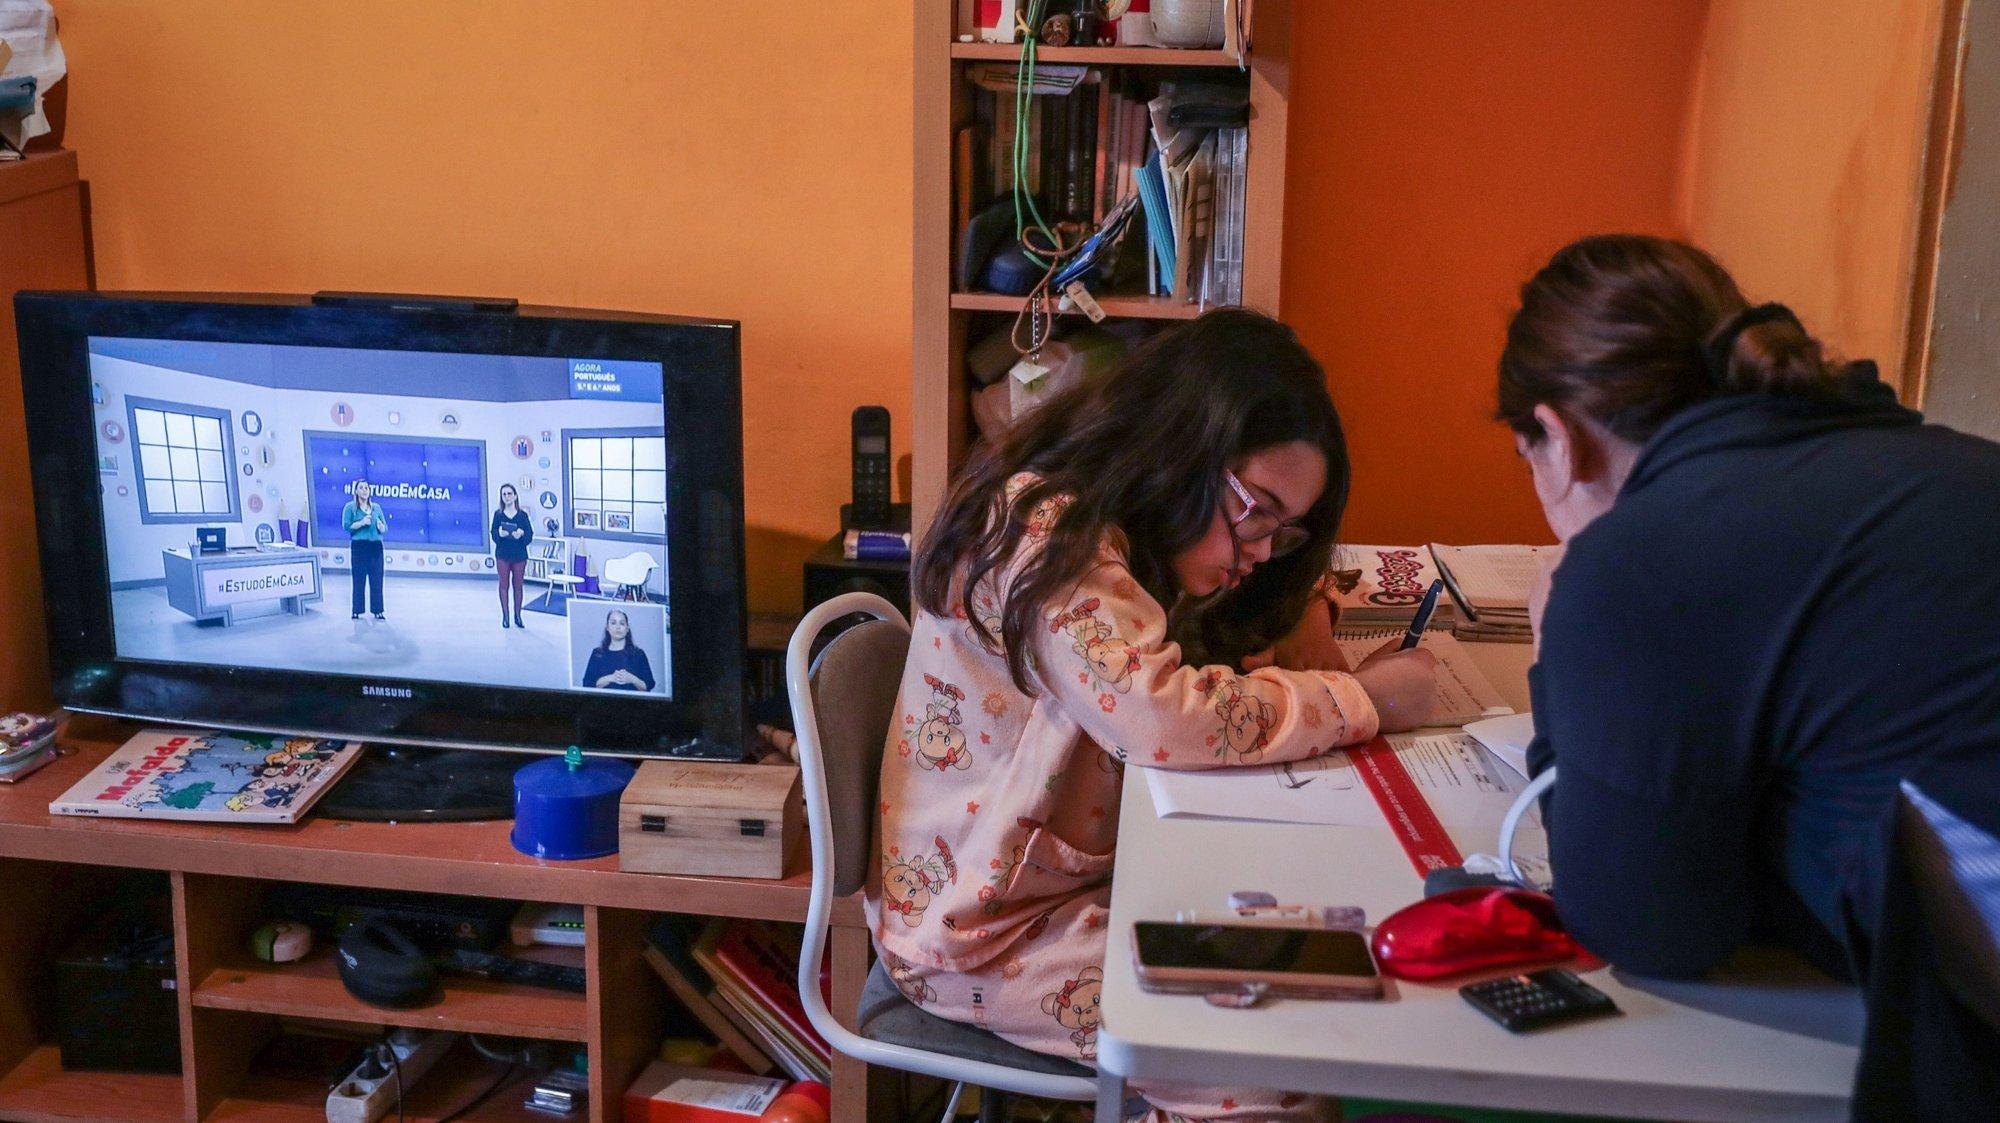 Daniela de 09 anos é auxiliada pela sua mãe, Ana Costa, enquanto assiste às aulas pela televisão, na Amadora, 20 de abril de 2020. Mais de 850 mil alunos do ensino básico contam a partir de hoje e durante o terceiro período, entre as 9:00 e as 17:30, mais de uma centena de professores vão dar aulas de apoio através da televisão, e vão aprender com a ajuda de mais de uma centena professores à distância devido à pandemia de covid-19. O Governo decretou o estado de emergência a 19 de março, que já foi prorrogado duas vezes, estando previsto agora o seu fim a 02 de maio. TIAGO PETINGA/LUSA